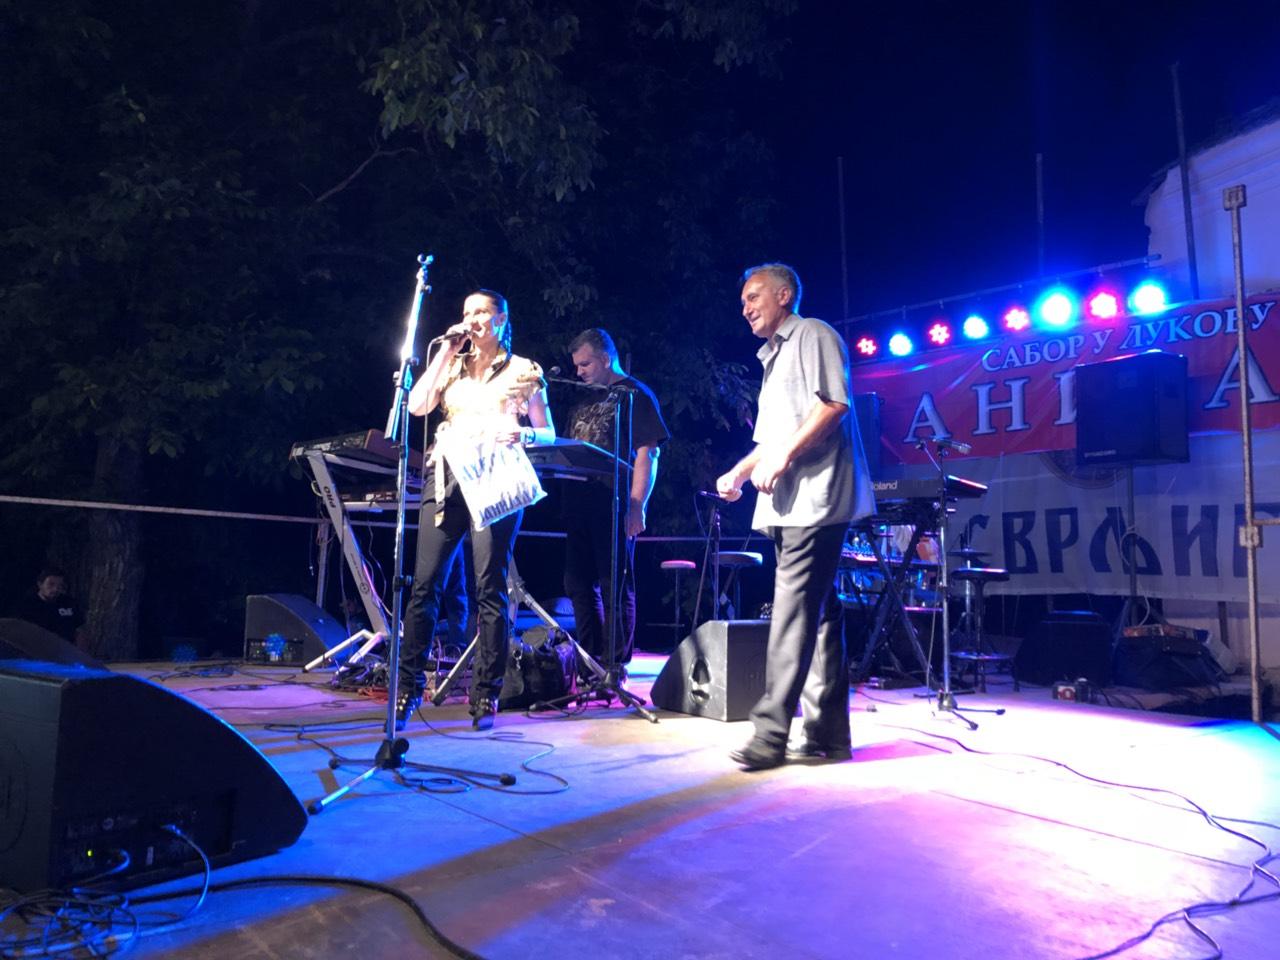 Janijada u Lukovu kod Svrljiga, Mira Škorić i predsednik MZ Lukovo Vujica Marković foto: M.K. Svrljiške novine